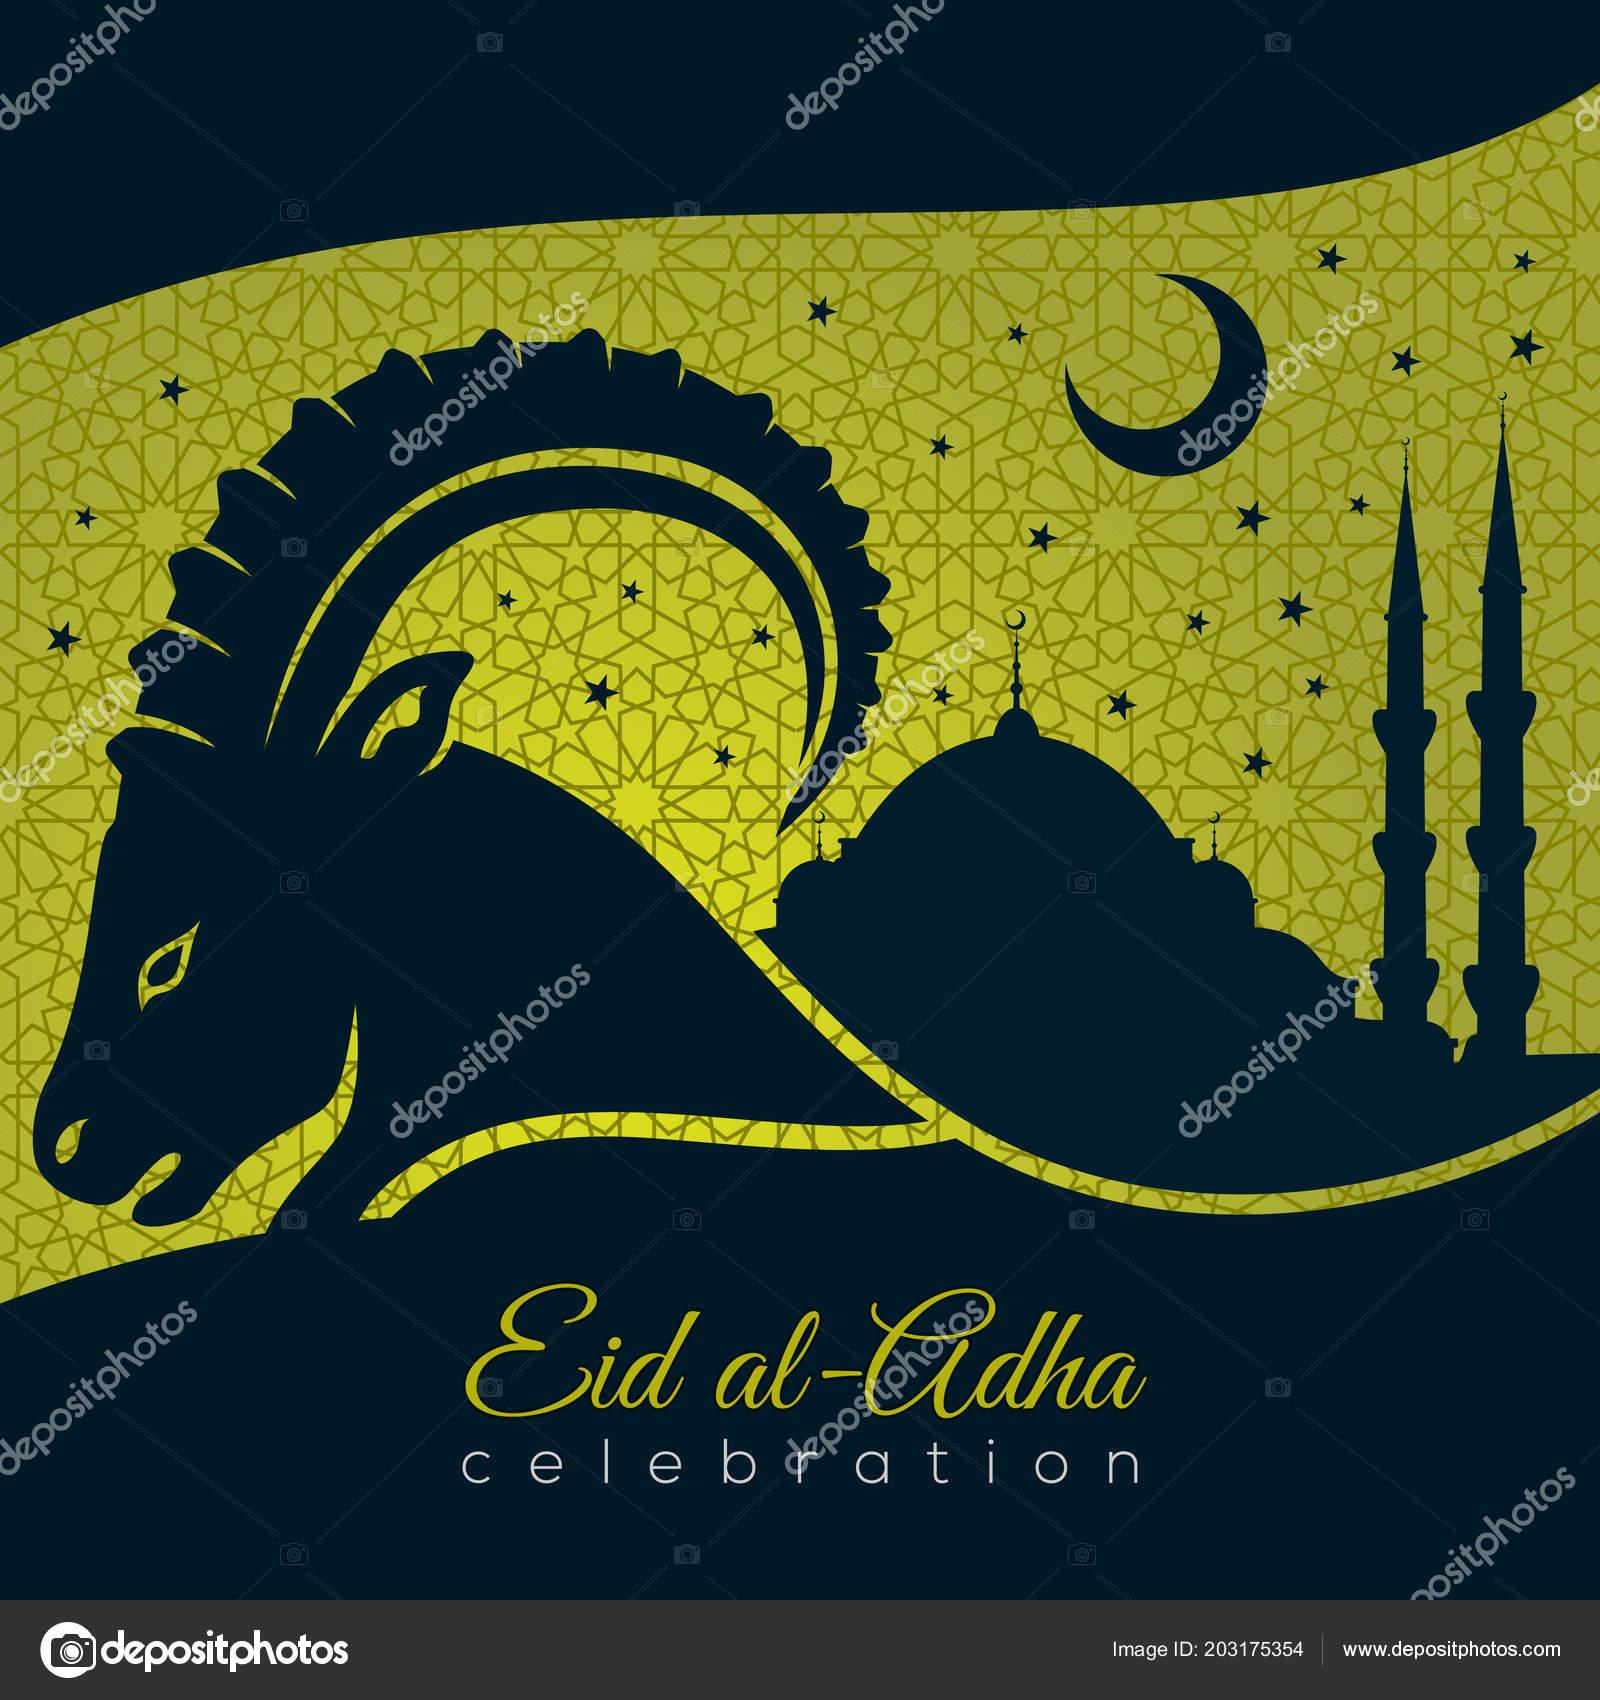 Muslim Festival Of Sacrifice Eid Al Adha Greeting Card With Sheep